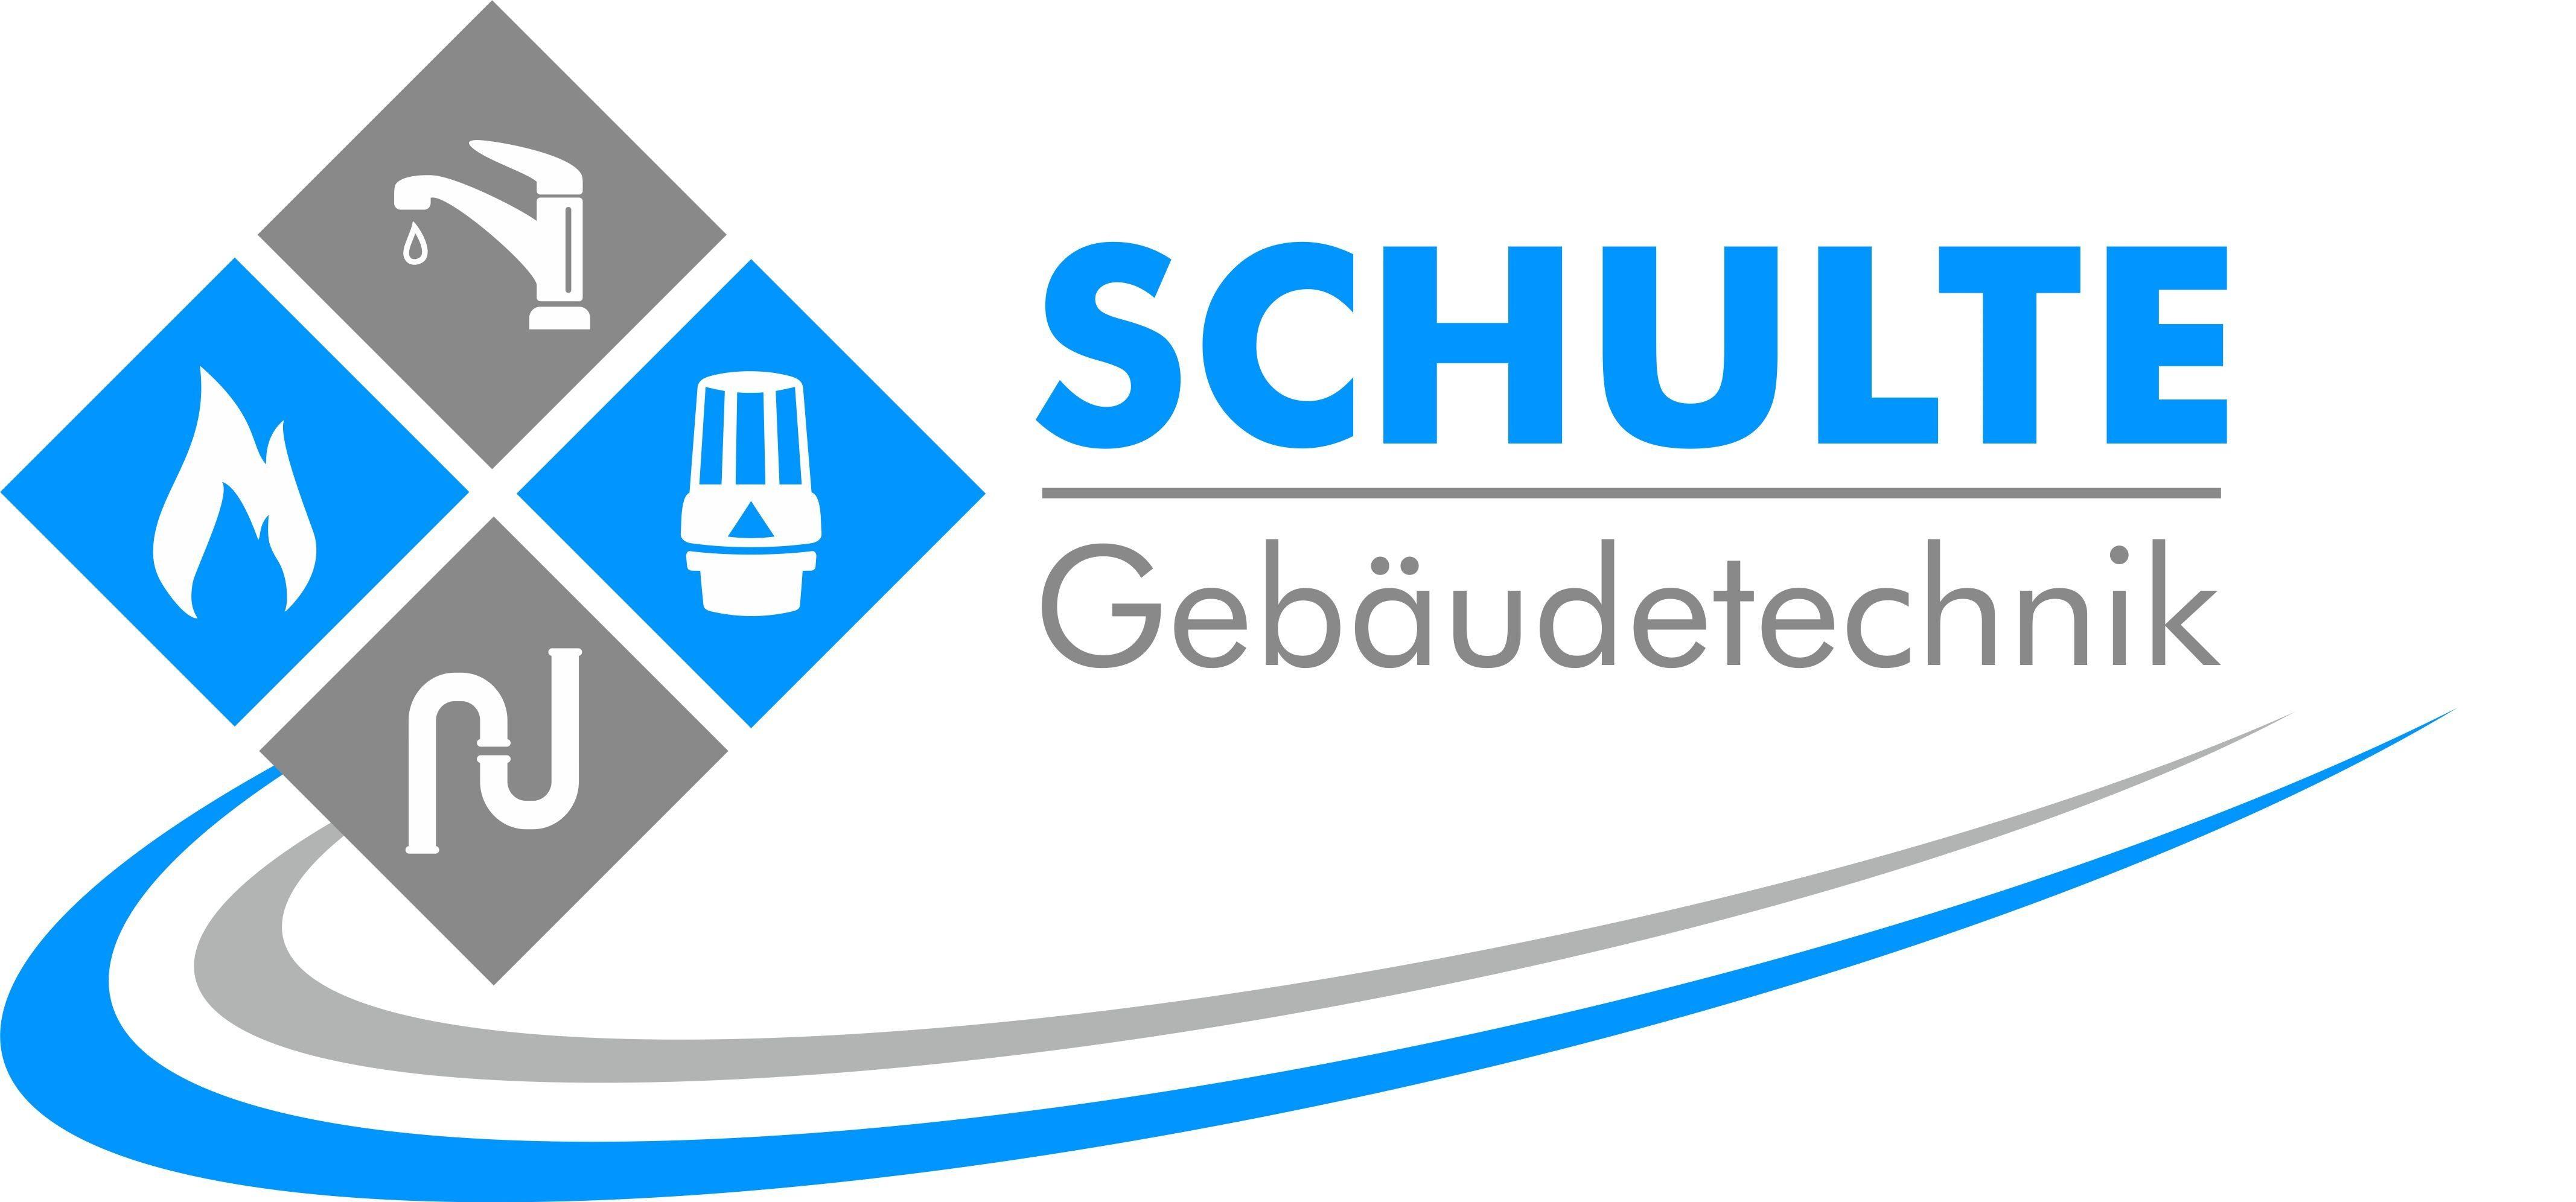 Schulte Gebäudetechnik GmbH & Co. KG